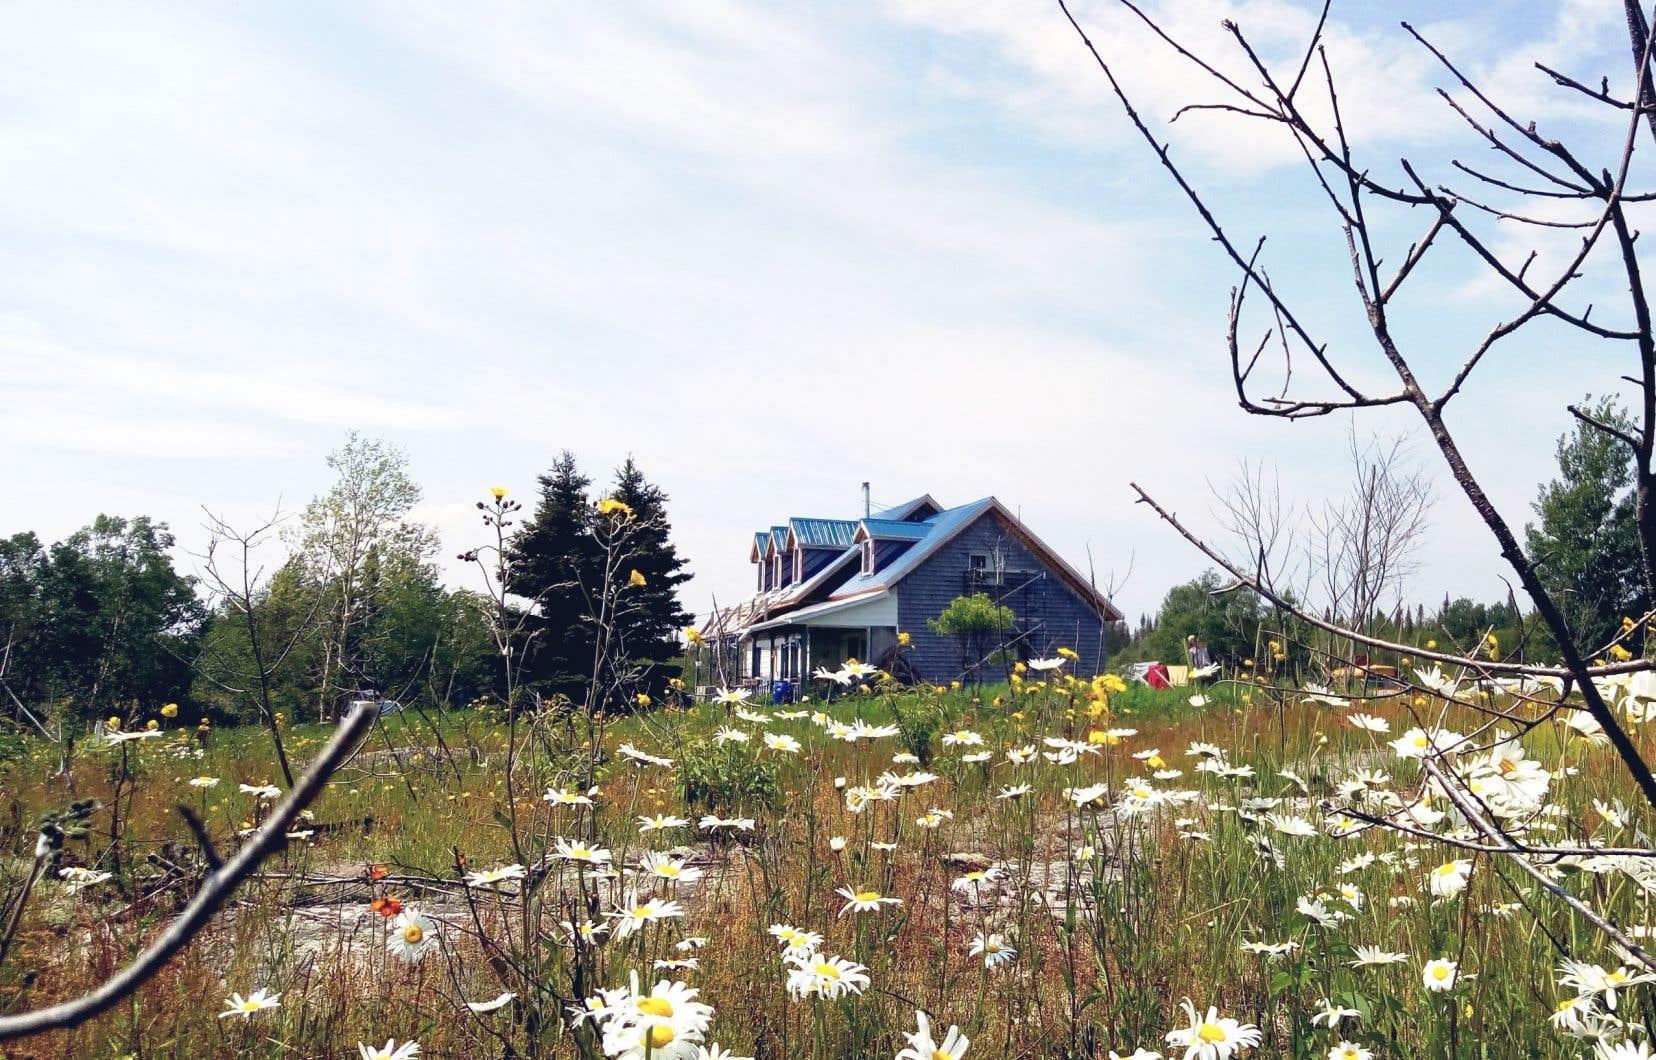 L'Auberge la Grande, située dans le petit village des Bergeronnes, sera prête à recevoir ses premiers visiteurs dès le 1erjuillet.